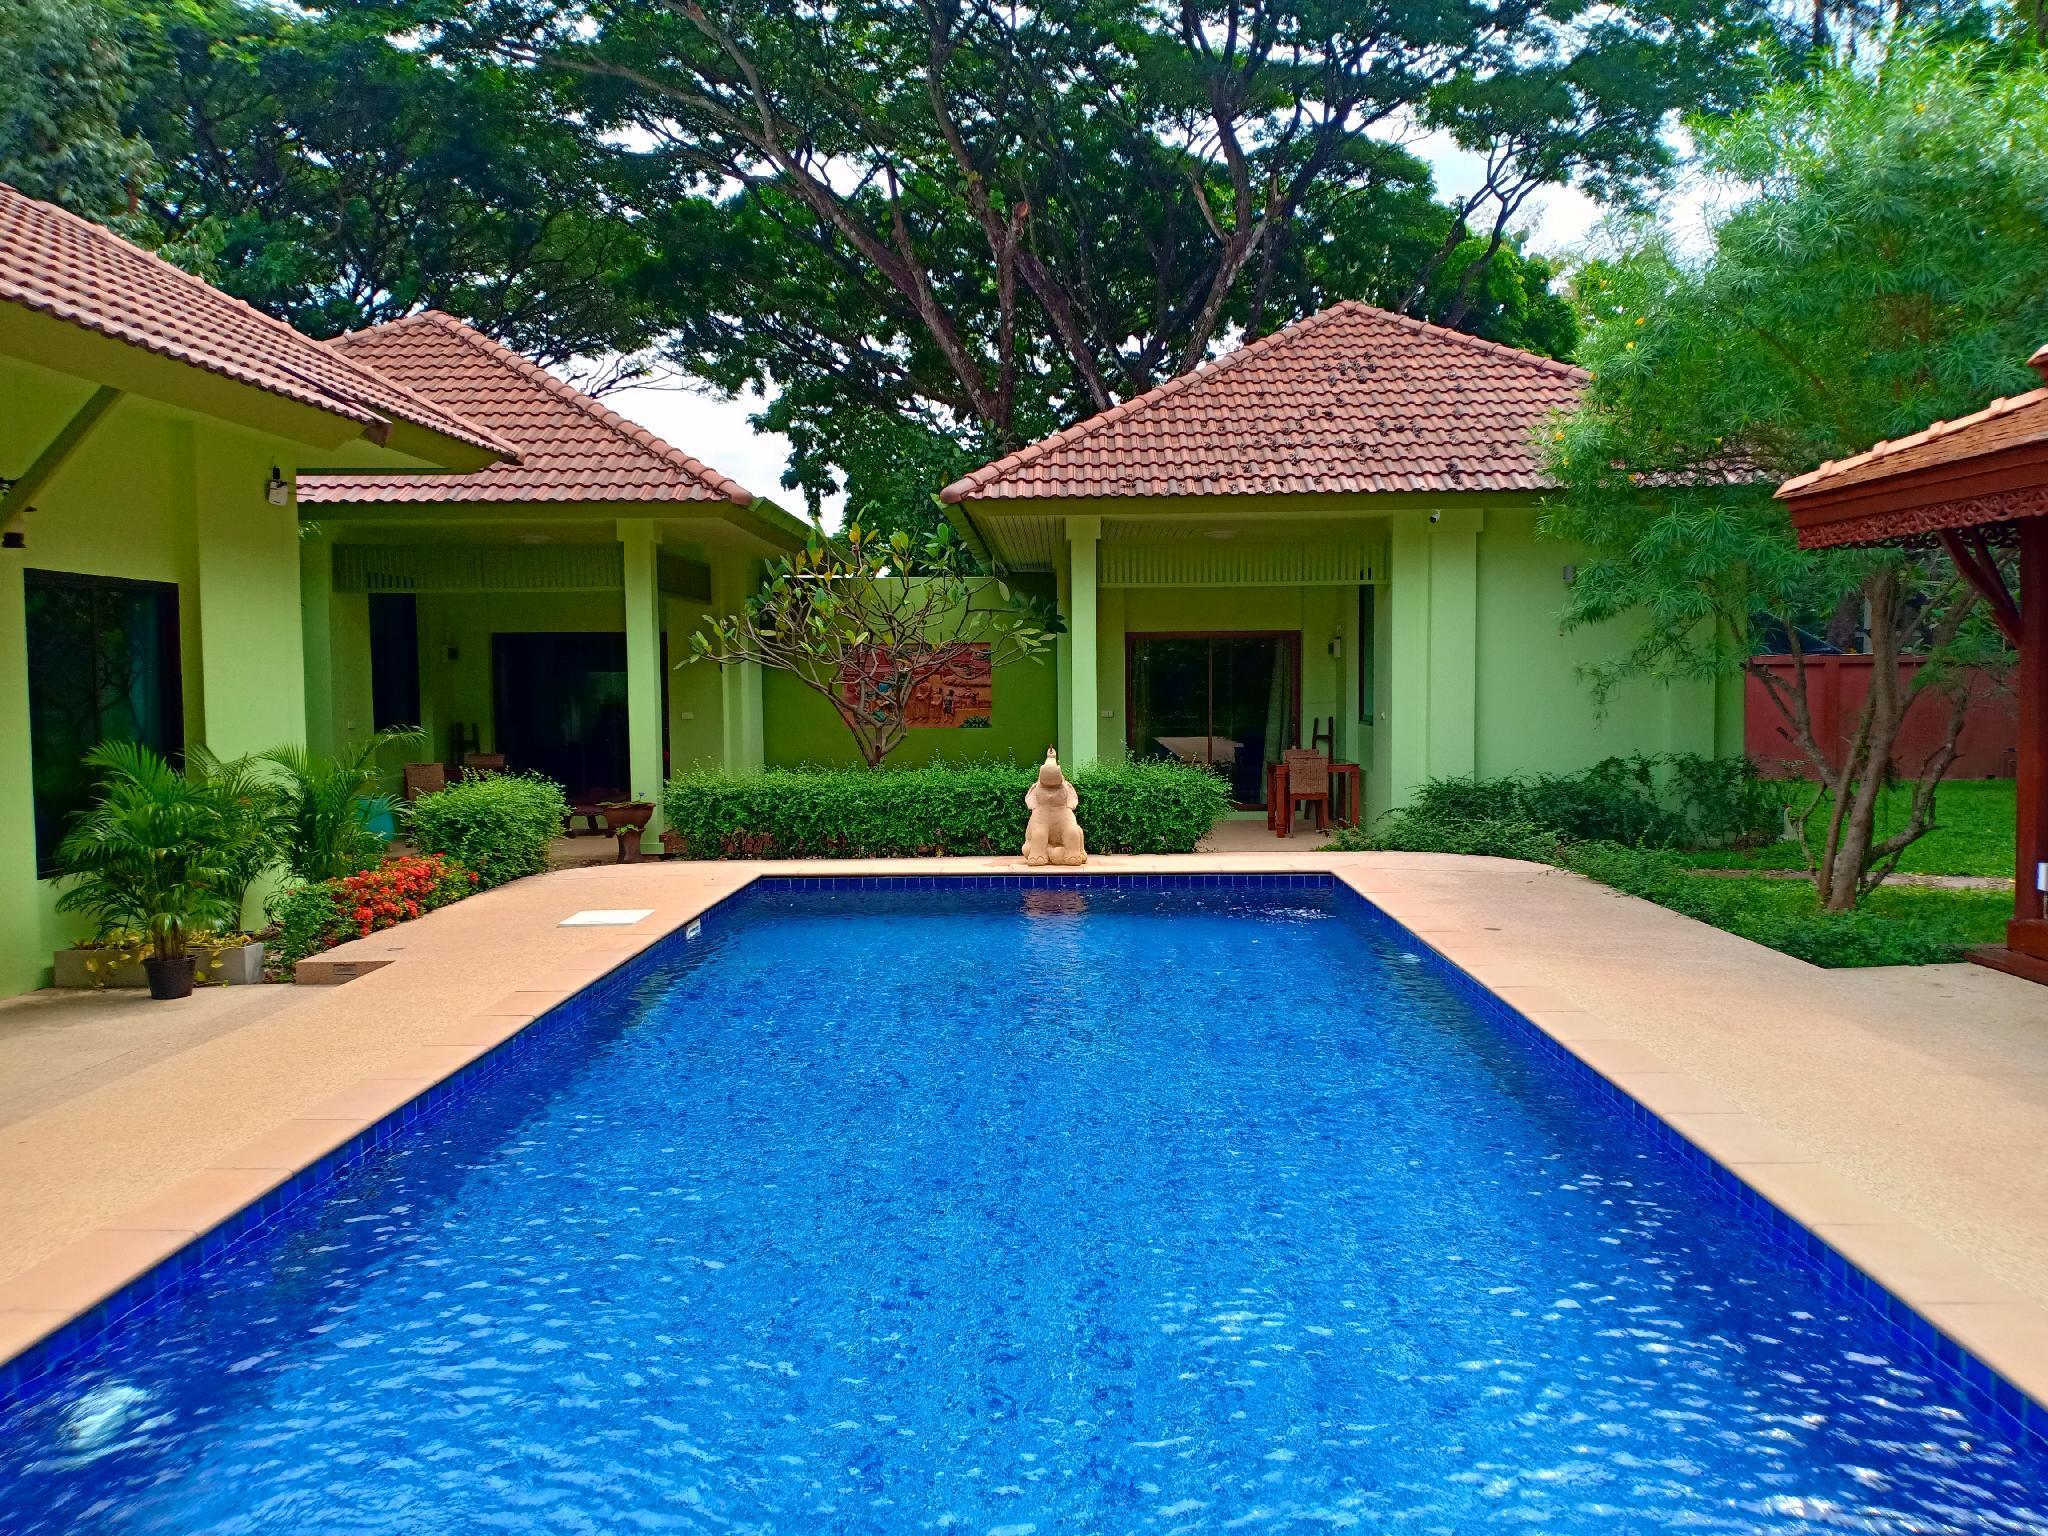 The Villa Vanali One Bedroom Pool Front (sleeps 3) The Villa Vanali One Bedroom Pool Front (sleeps 3)